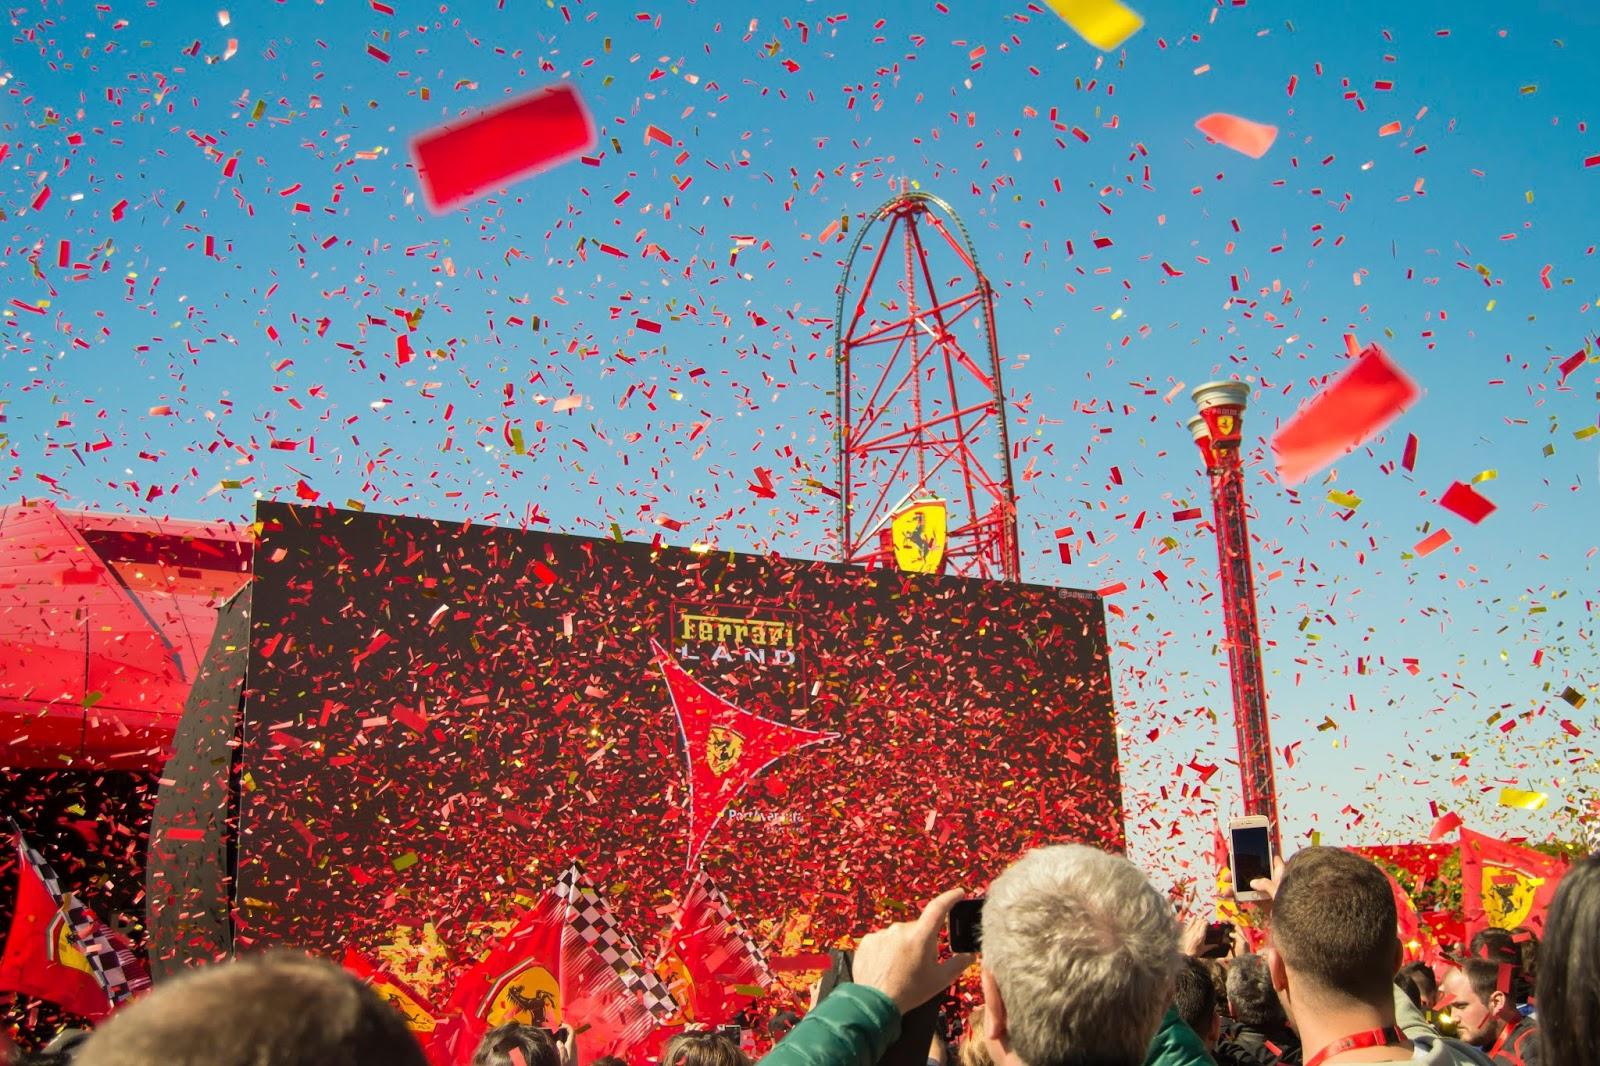 Inauguración FerrariLand 6 de abril